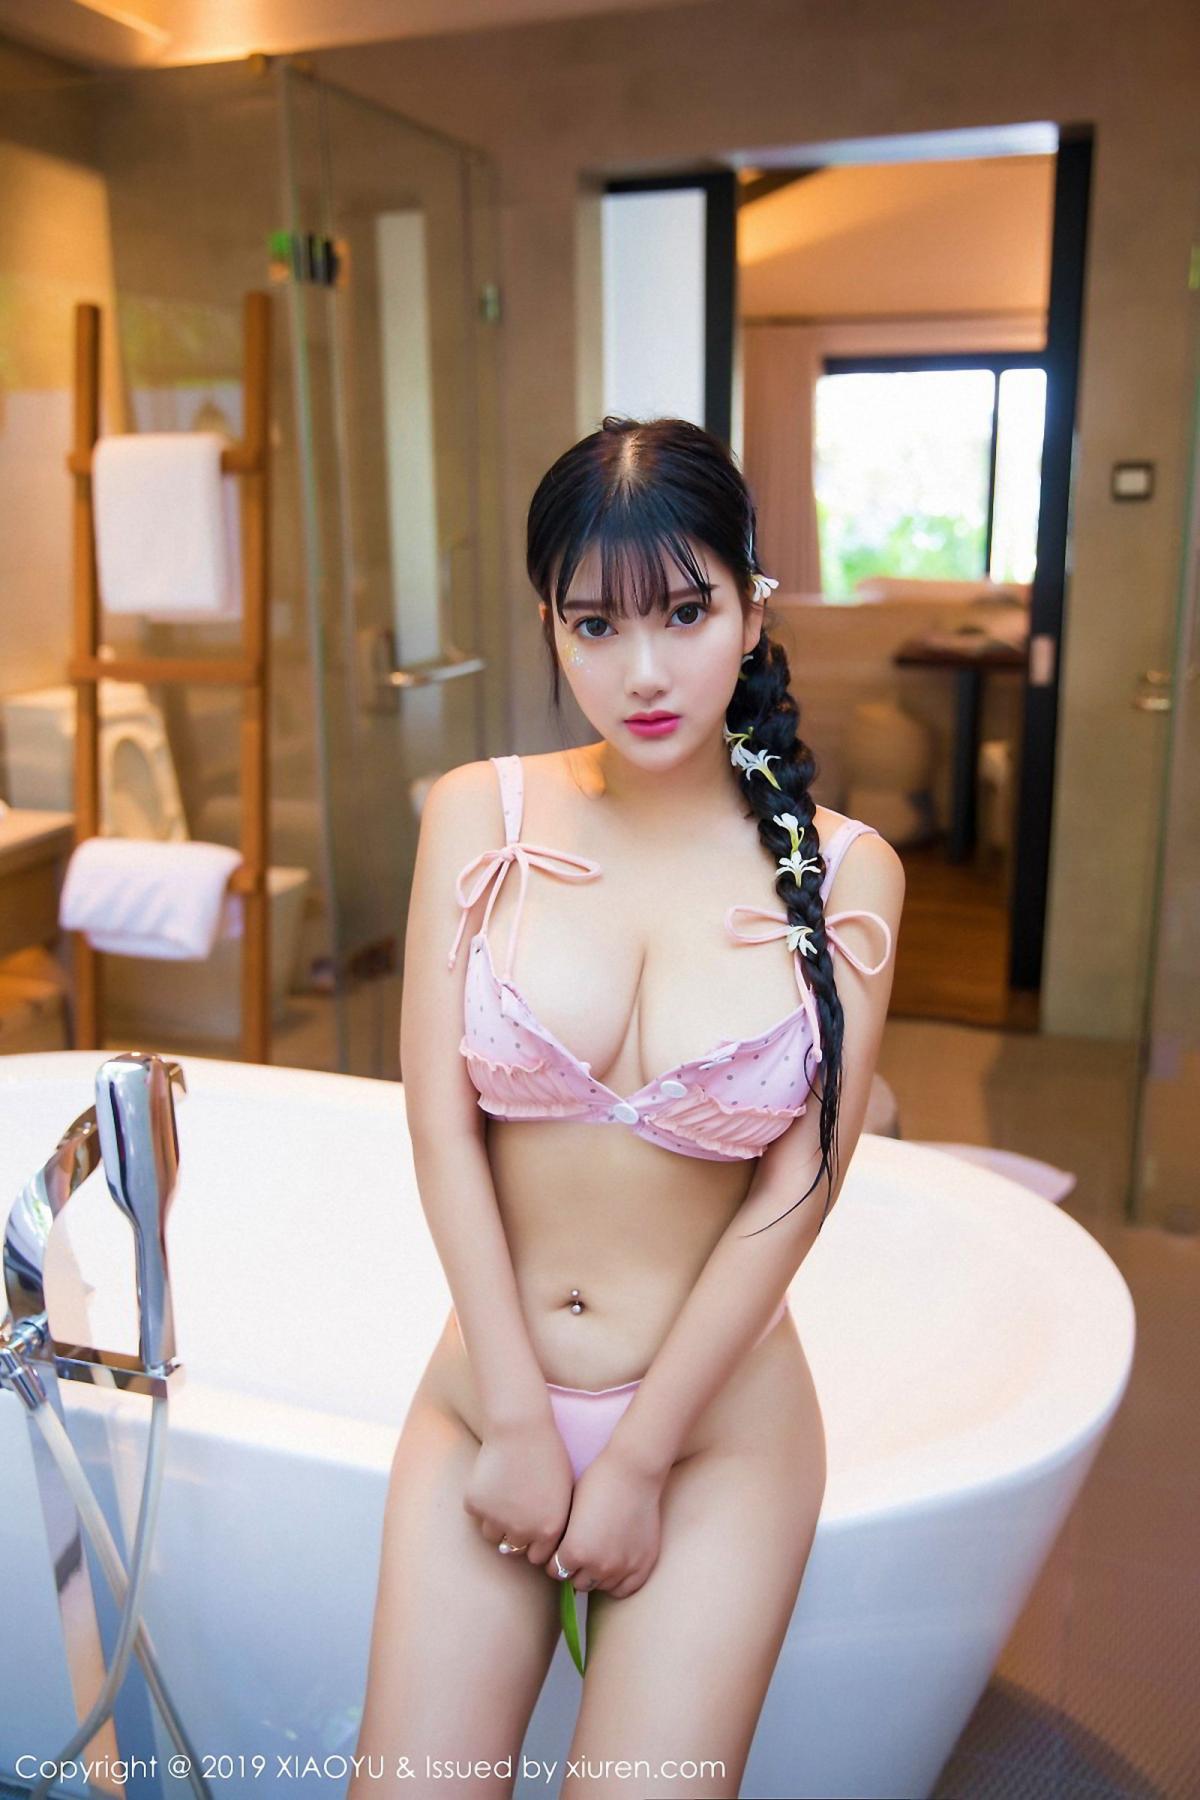 [XiaoYu] Vol.029 Lu Lu Xiao Miao 39P, Bikini, Lu Lu Xiao Miao, Wet, XiaoYu